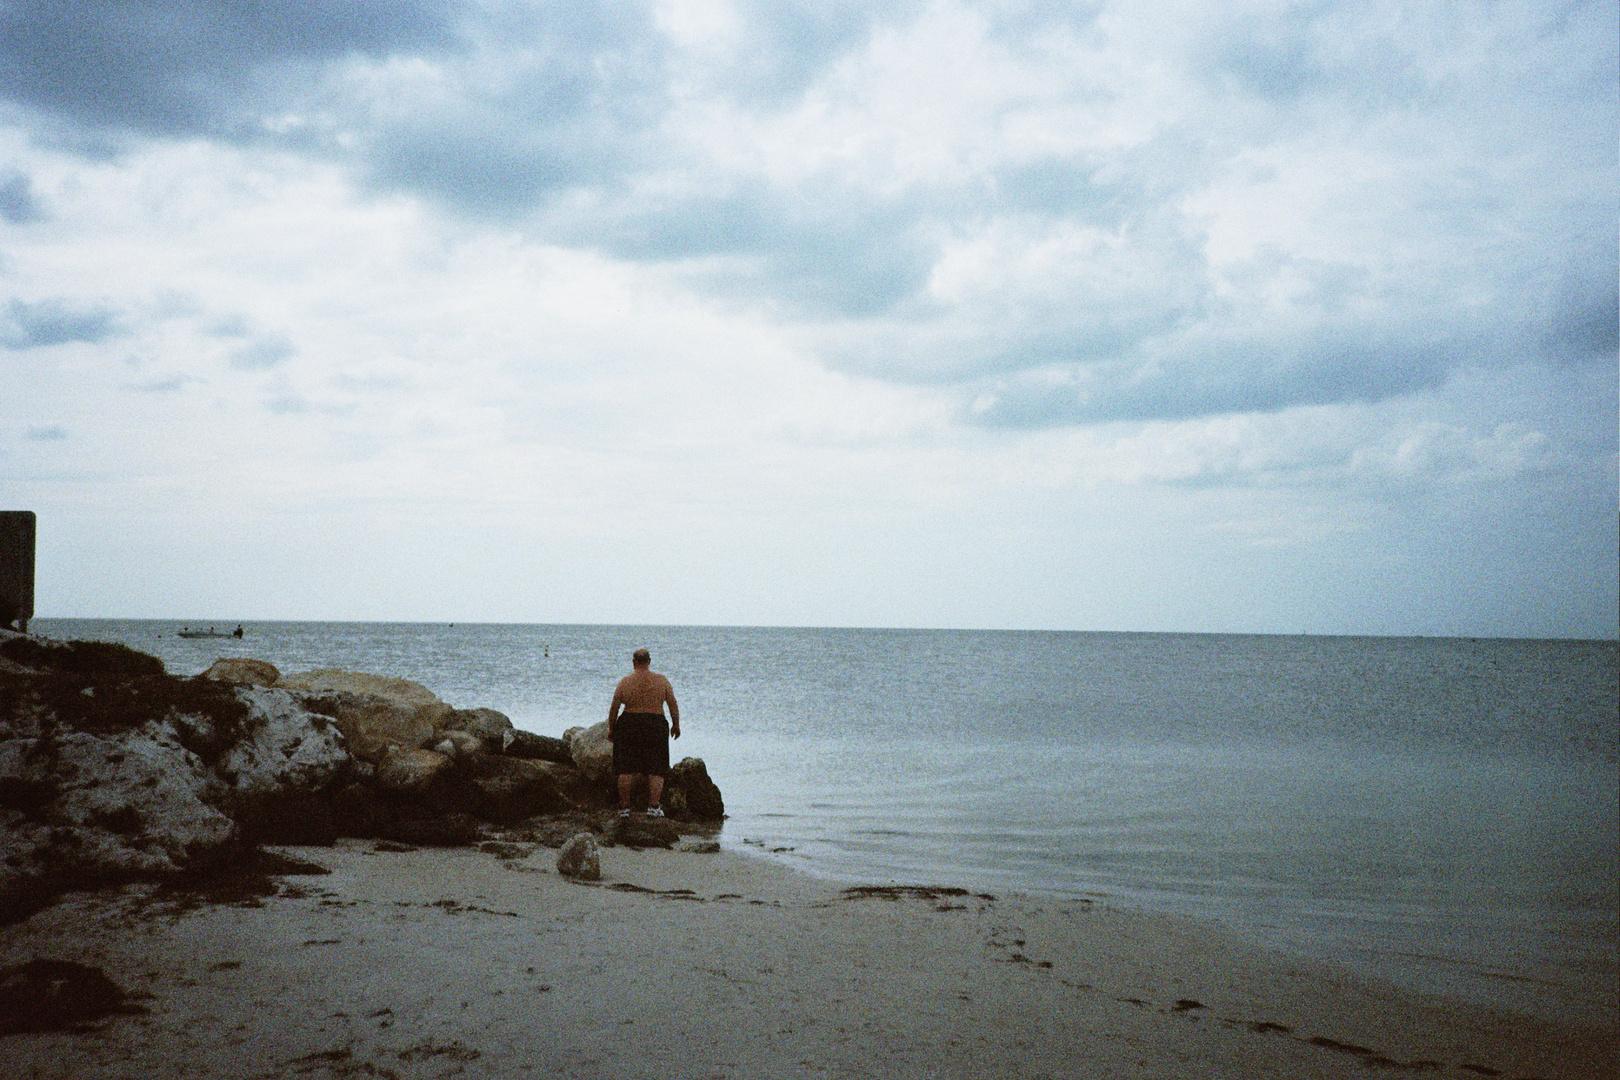 17_Savannah_Daytona_Tarpon_Feb_2012.tif